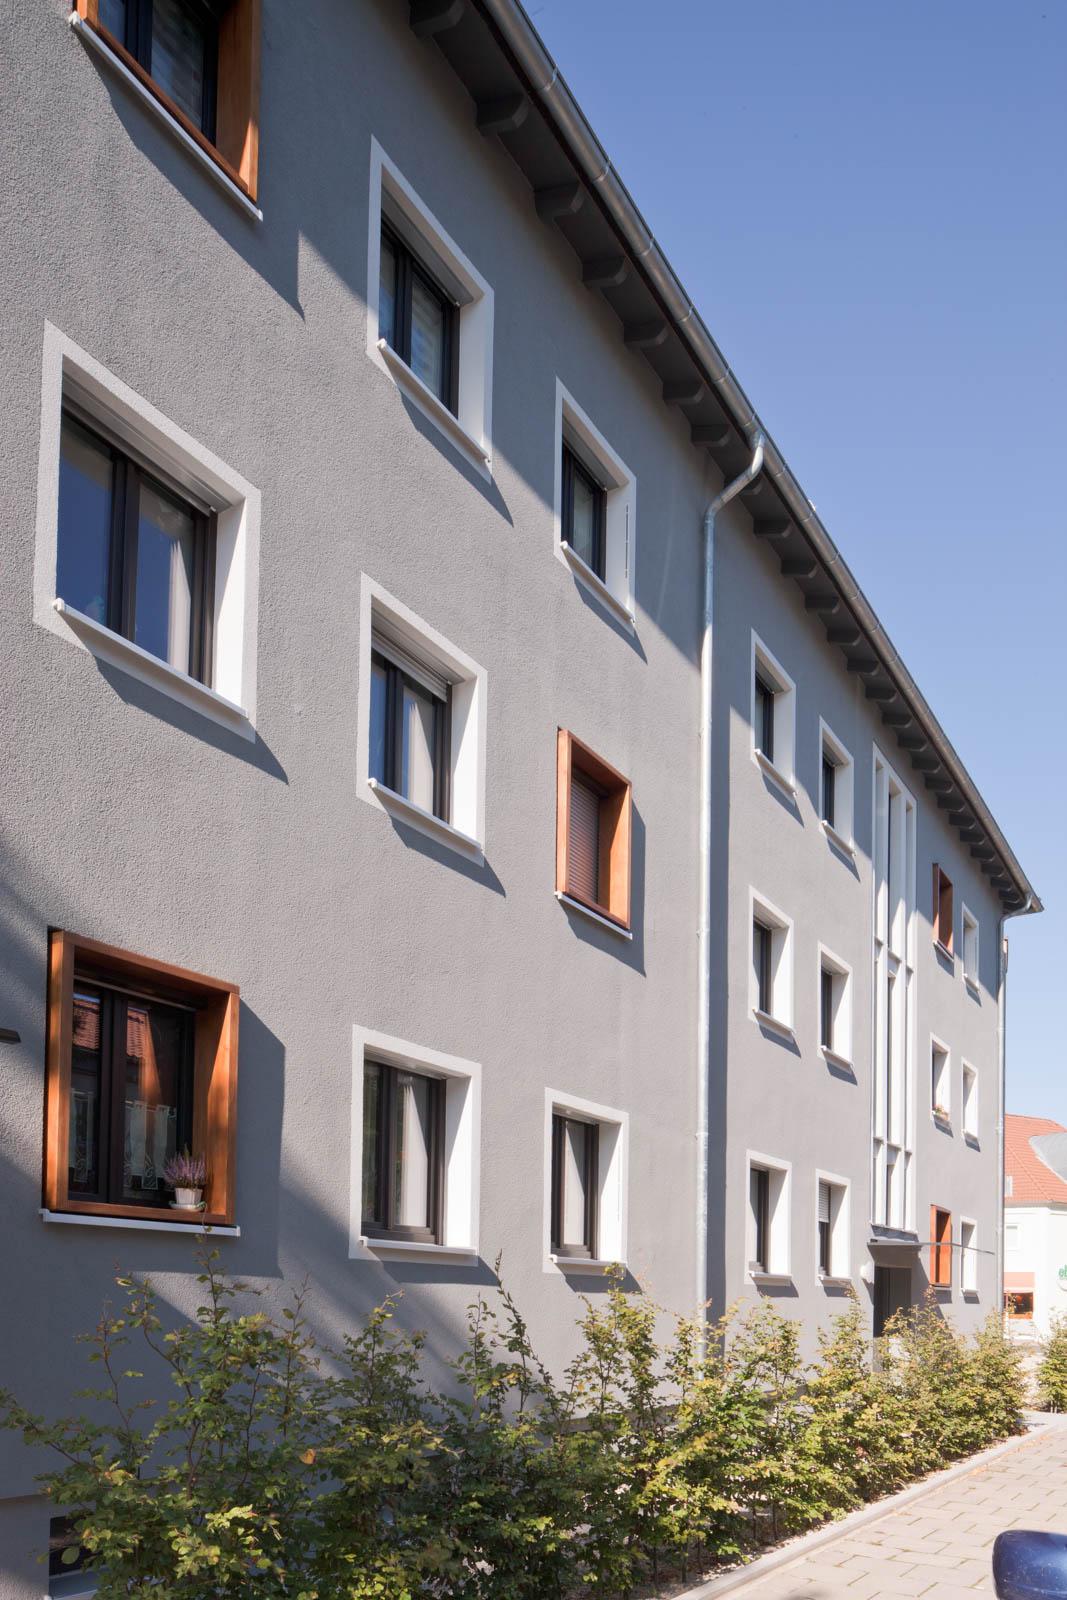 Nickel und Wachter Architekten - Mehrfamilienhaus Stadtwerke Bamberg